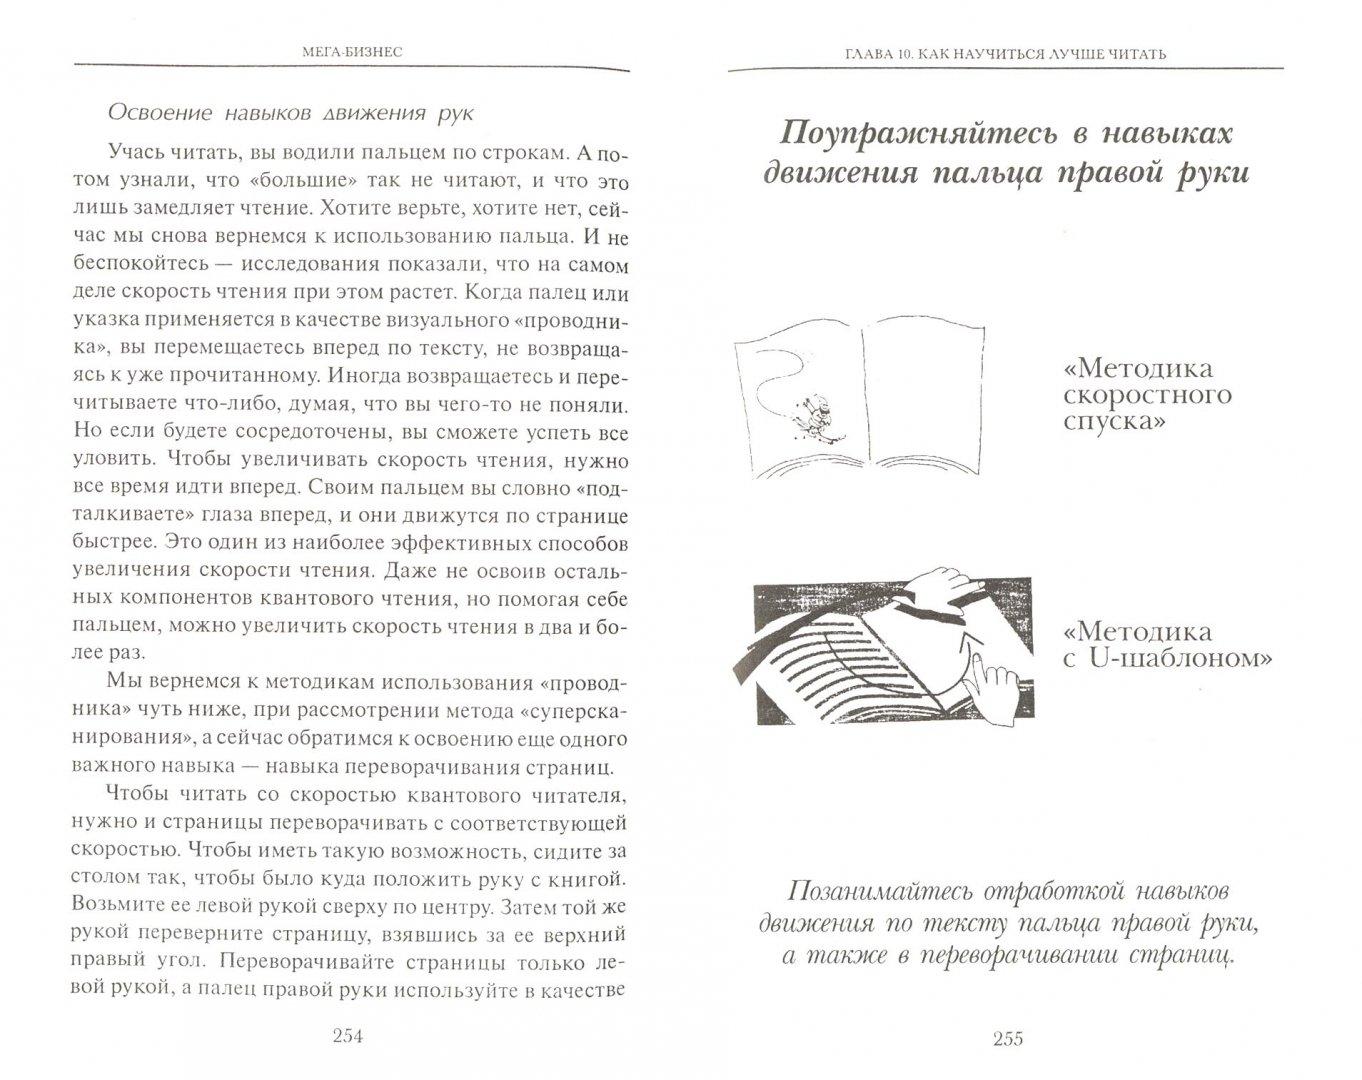 Иллюстрация 1 из 12 для Мега-бизнес - Депортер, Хенаки   Лабиринт - книги. Источник: Лабиринт